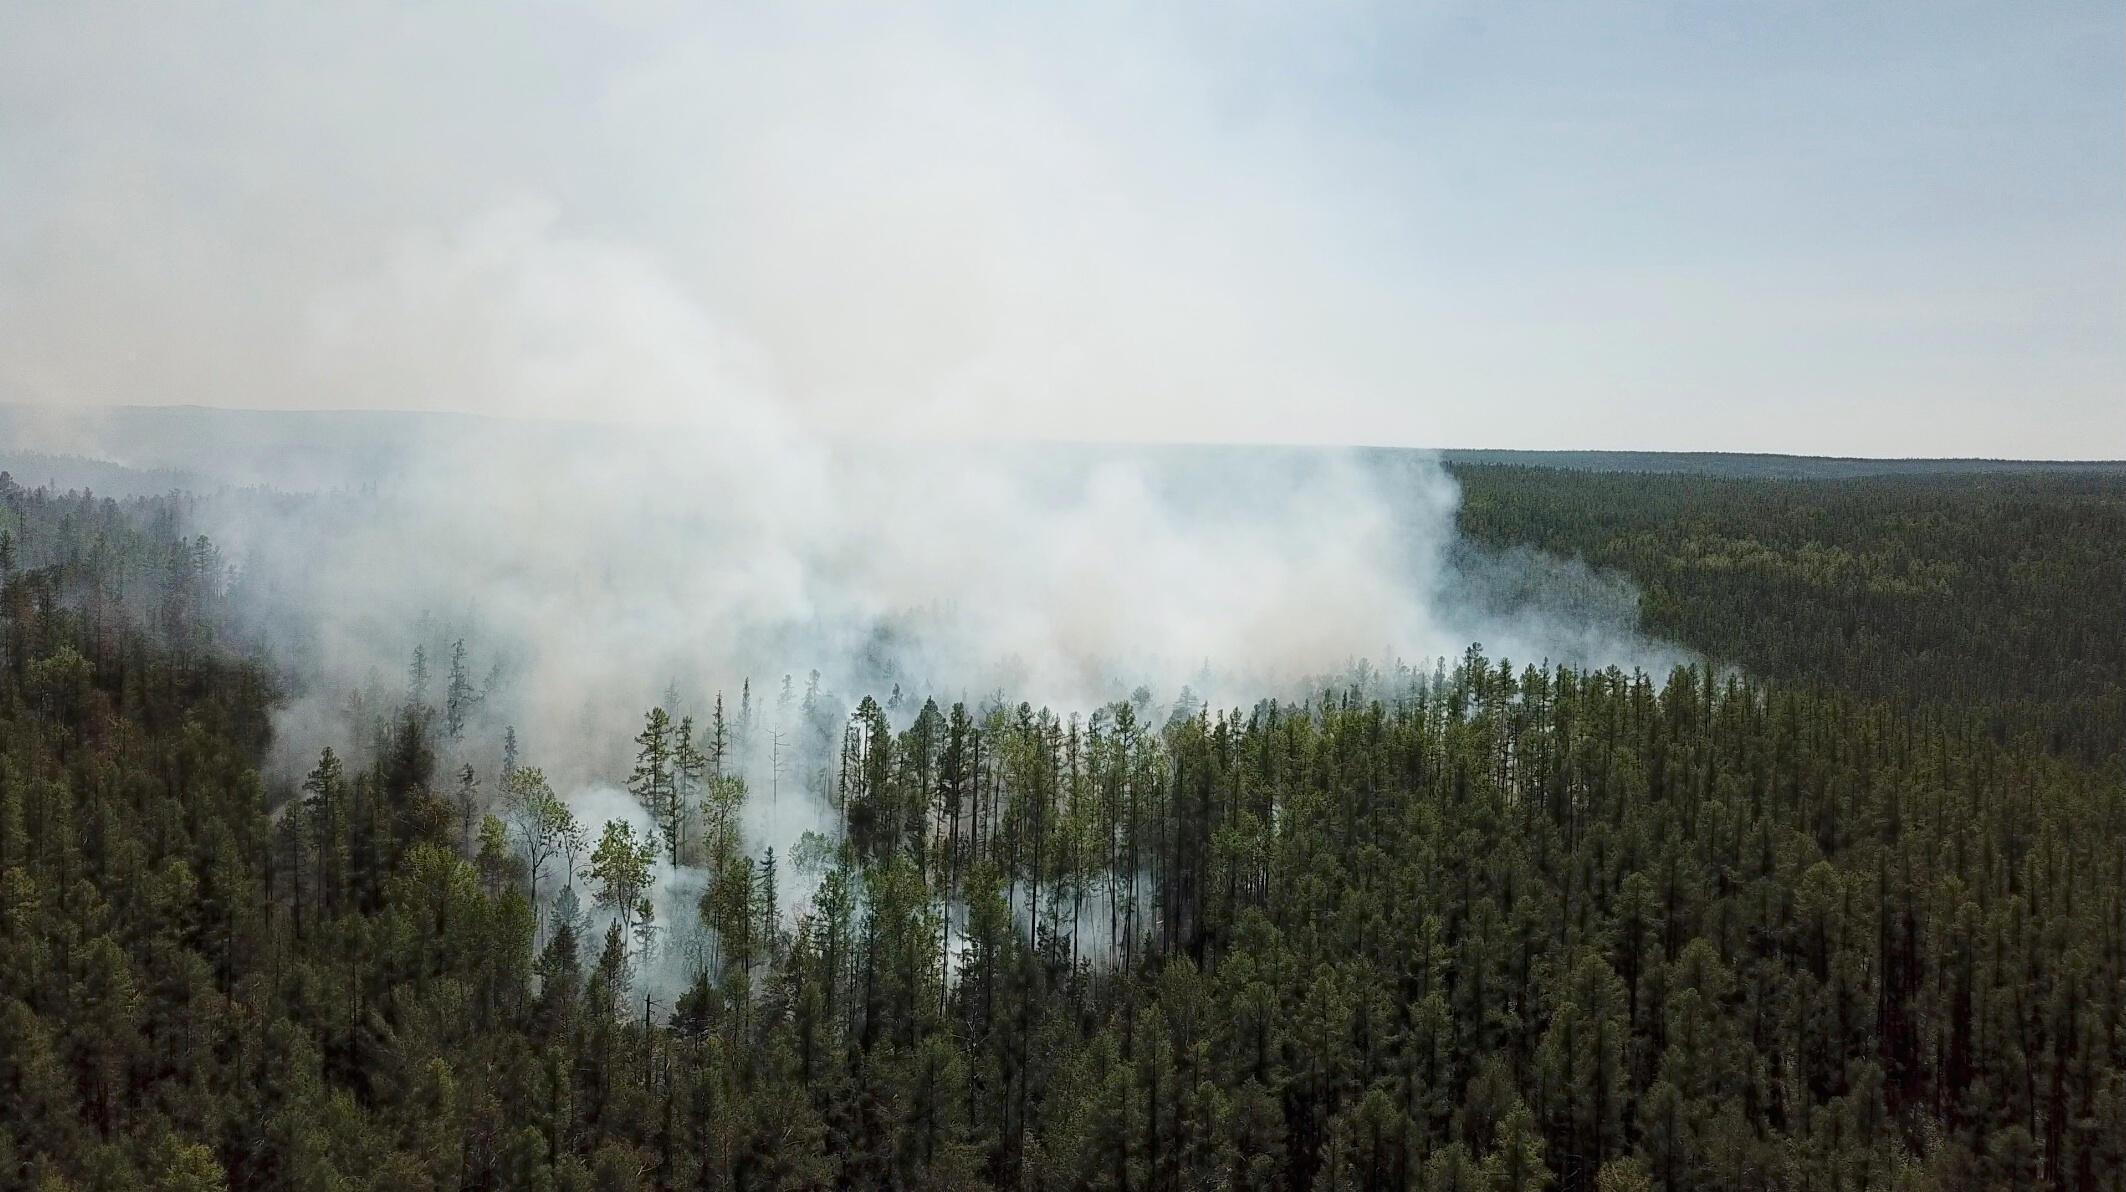 Vista aérea dos incêndios que atingem a região de Krasnoyarsk na Rússie, em 10 de julho de 2020.